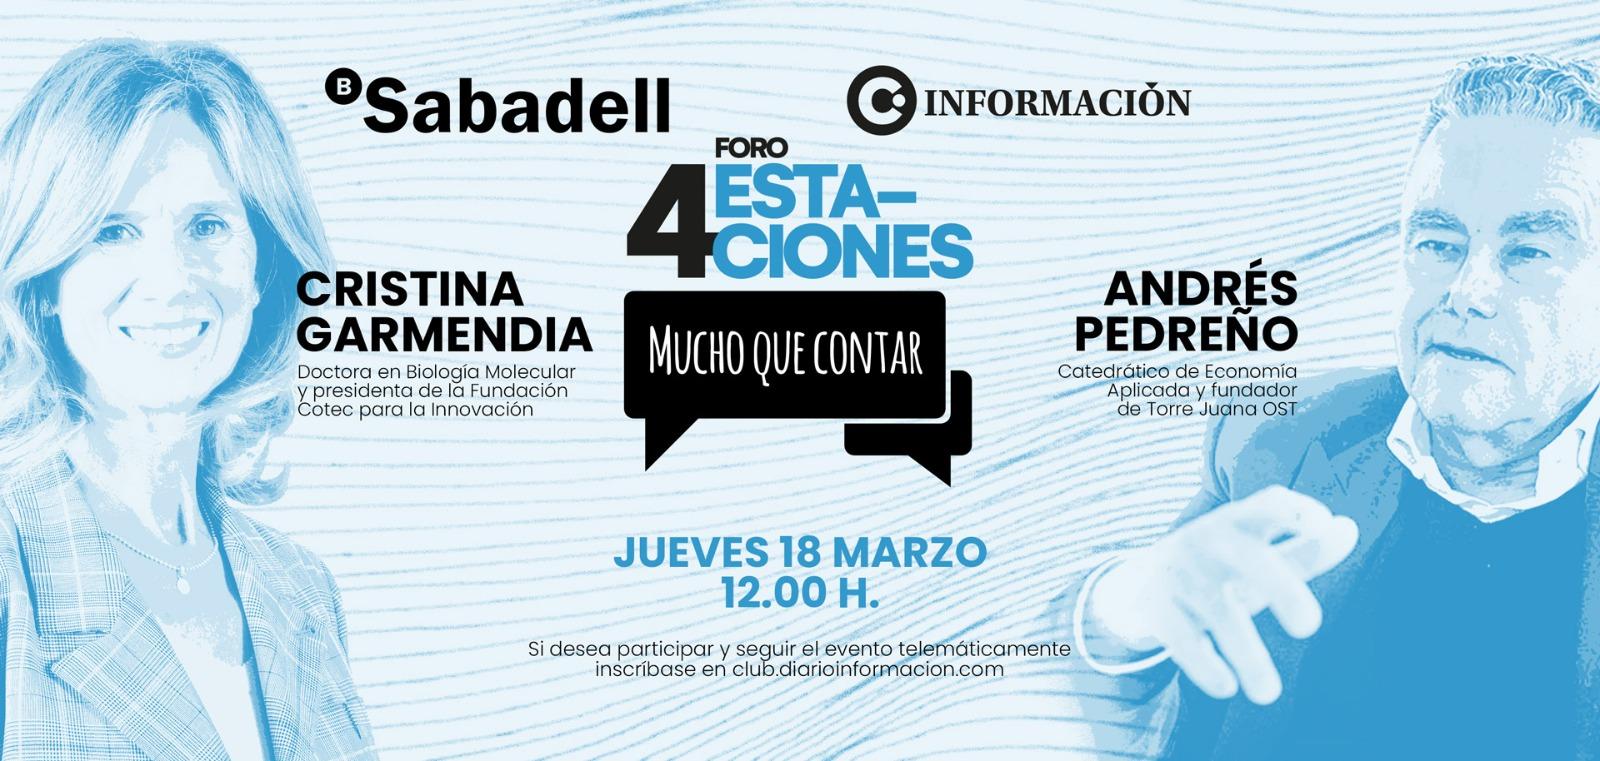 FORO 4 ESTACIONES con Cristina Garmendia y Andrés Pedreño